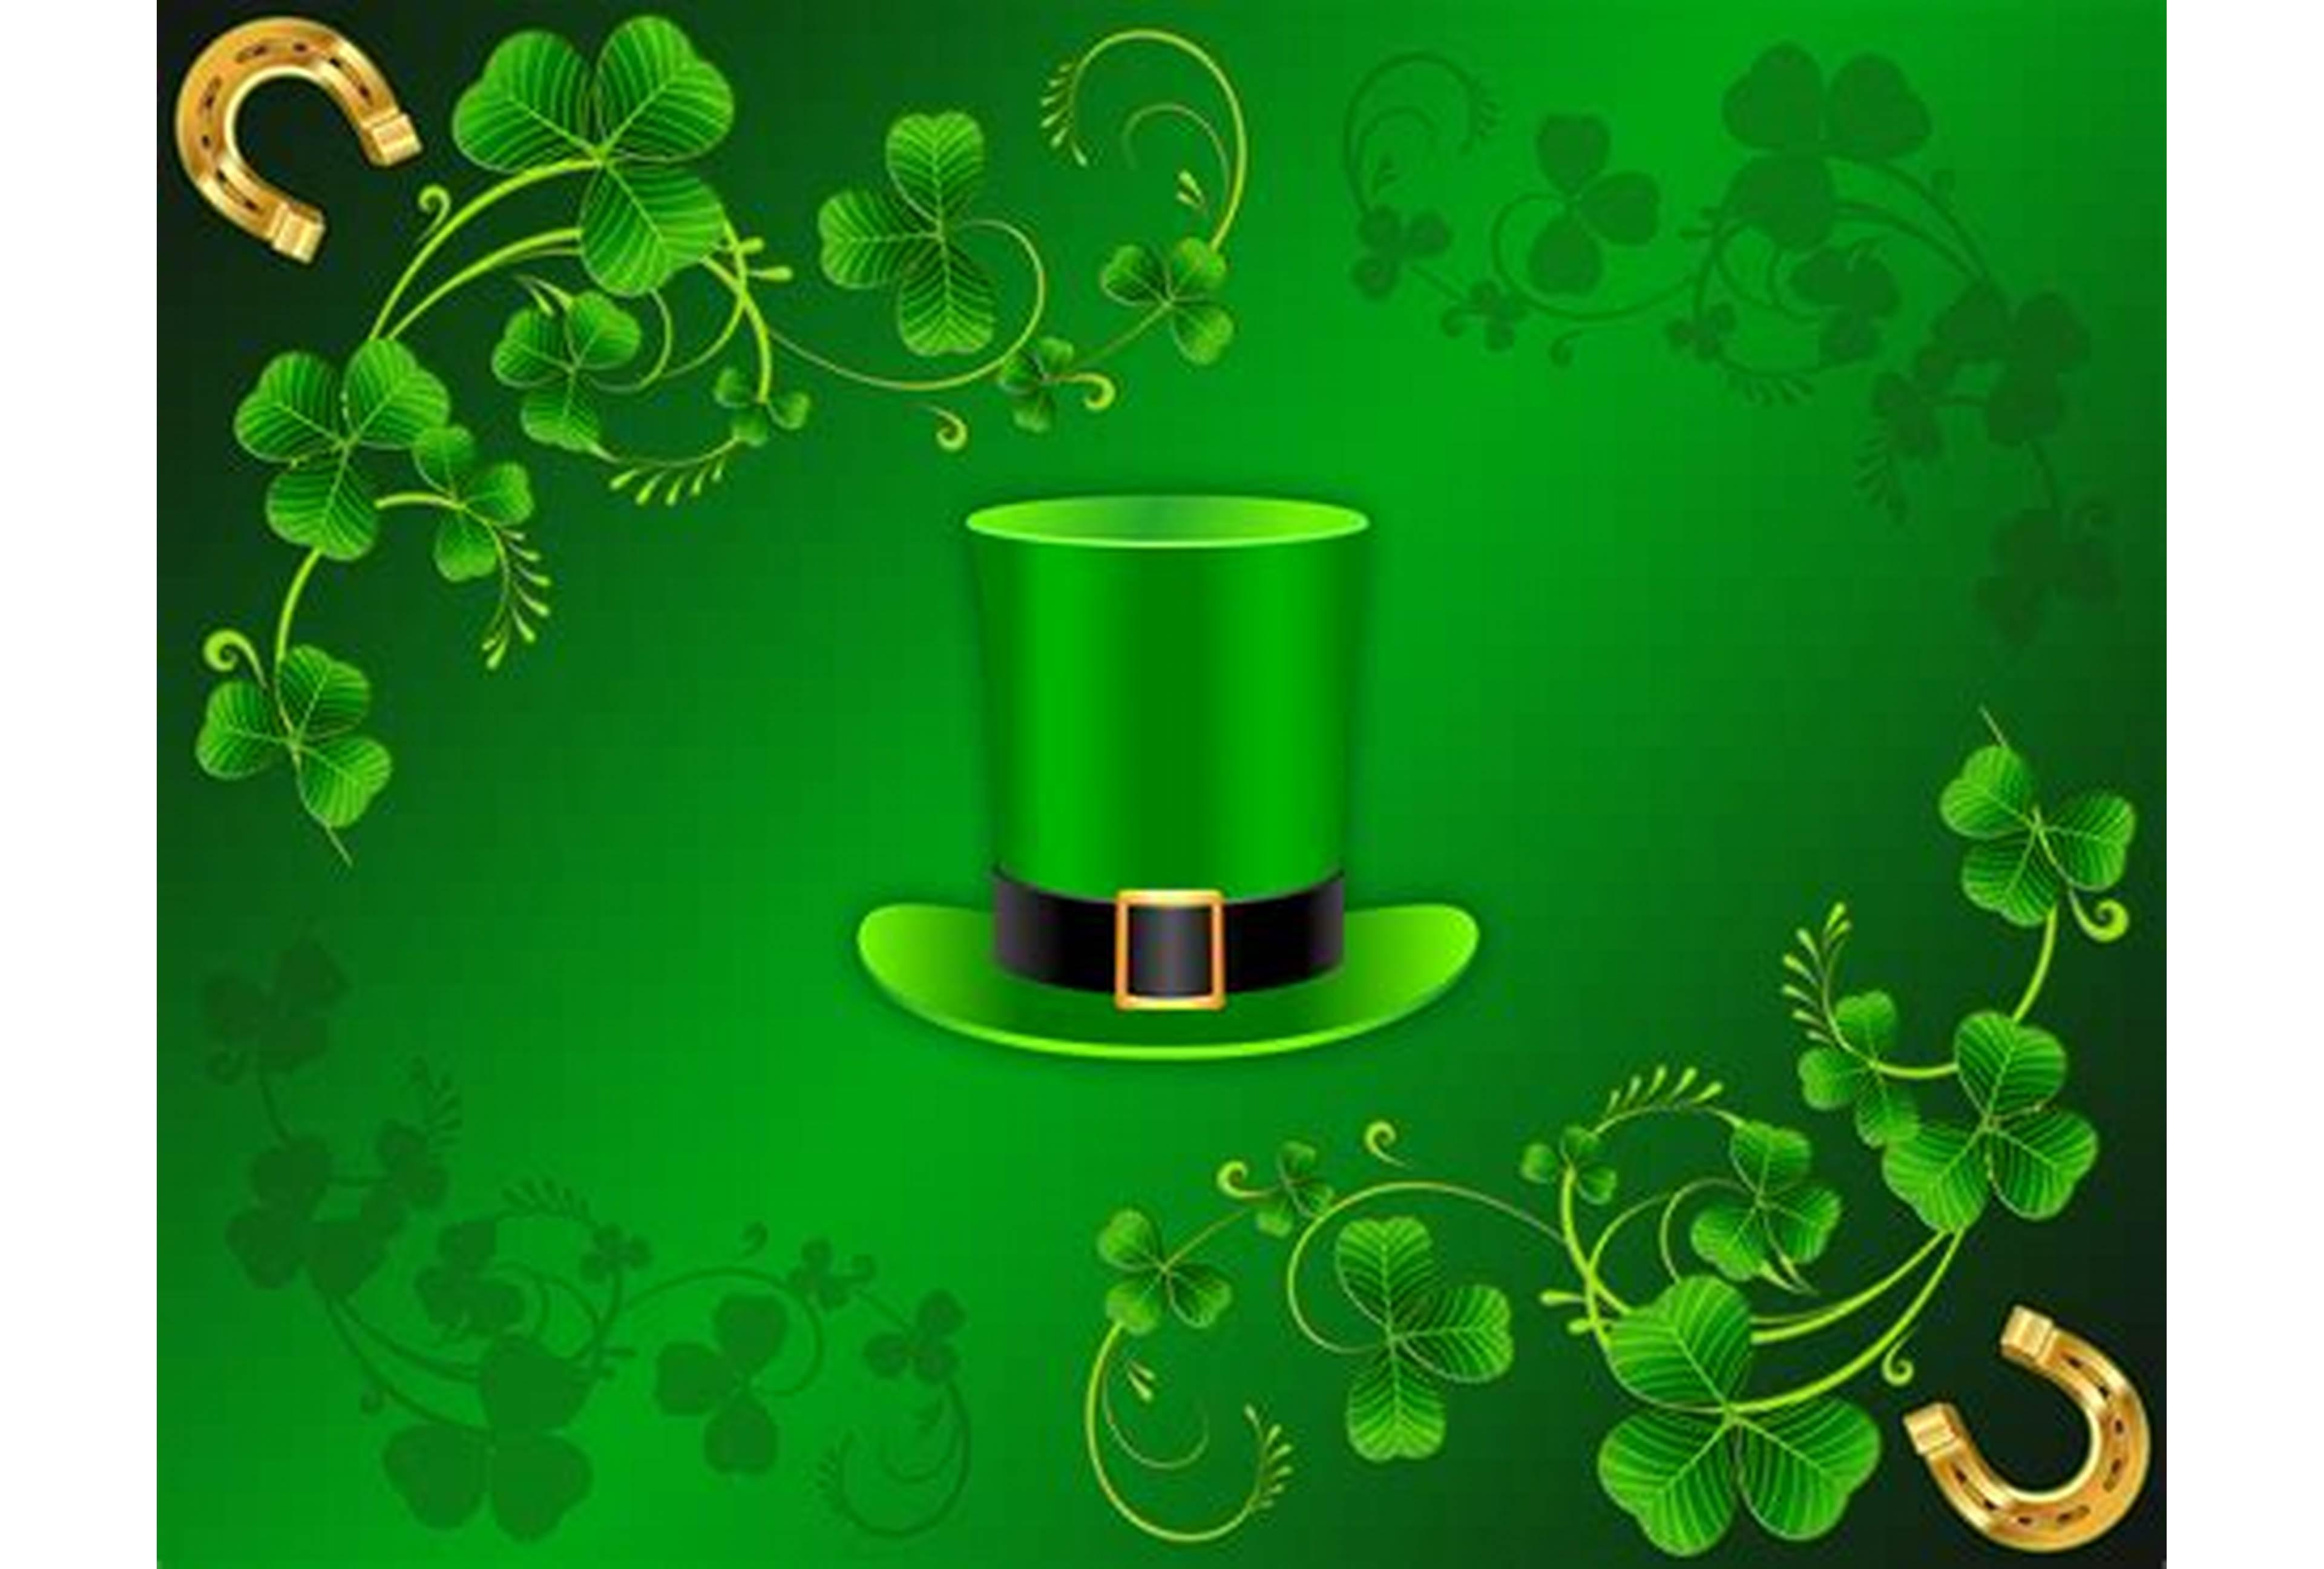 St. Patrick's Day 2012 in Sanya